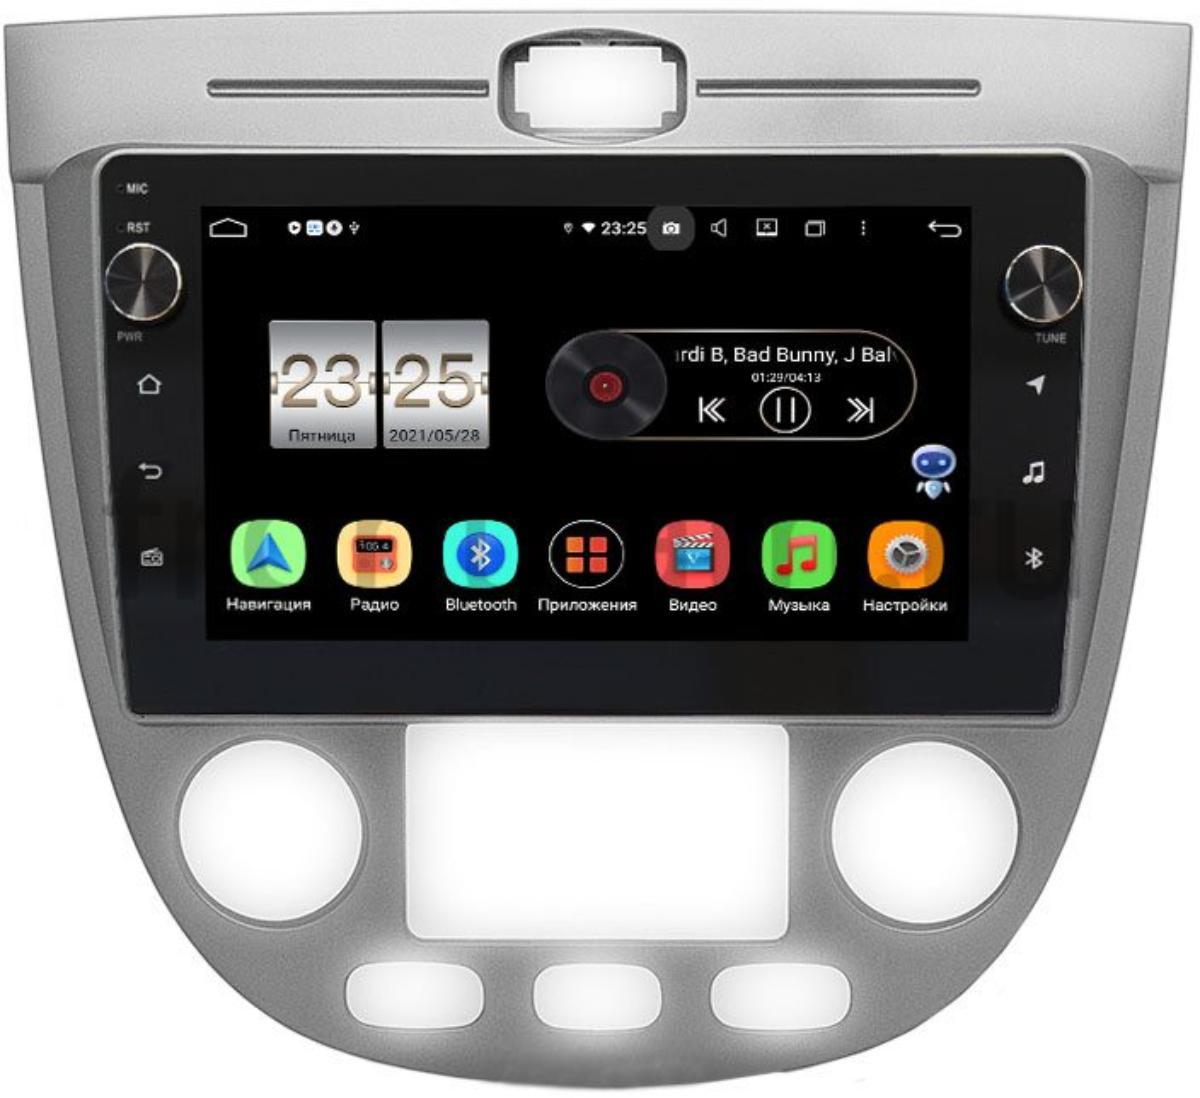 Штатная магнитола LeTrun BPX409-9-279 для Chevrolet Lacetti 2004-2013 (Тип 4) Универсал / Хэтчбек с климатом на Android 10 (4/32, DSP, IPS, с голосовым ассистентом, с крутилками) (+ Камера заднего вида в подарок!)